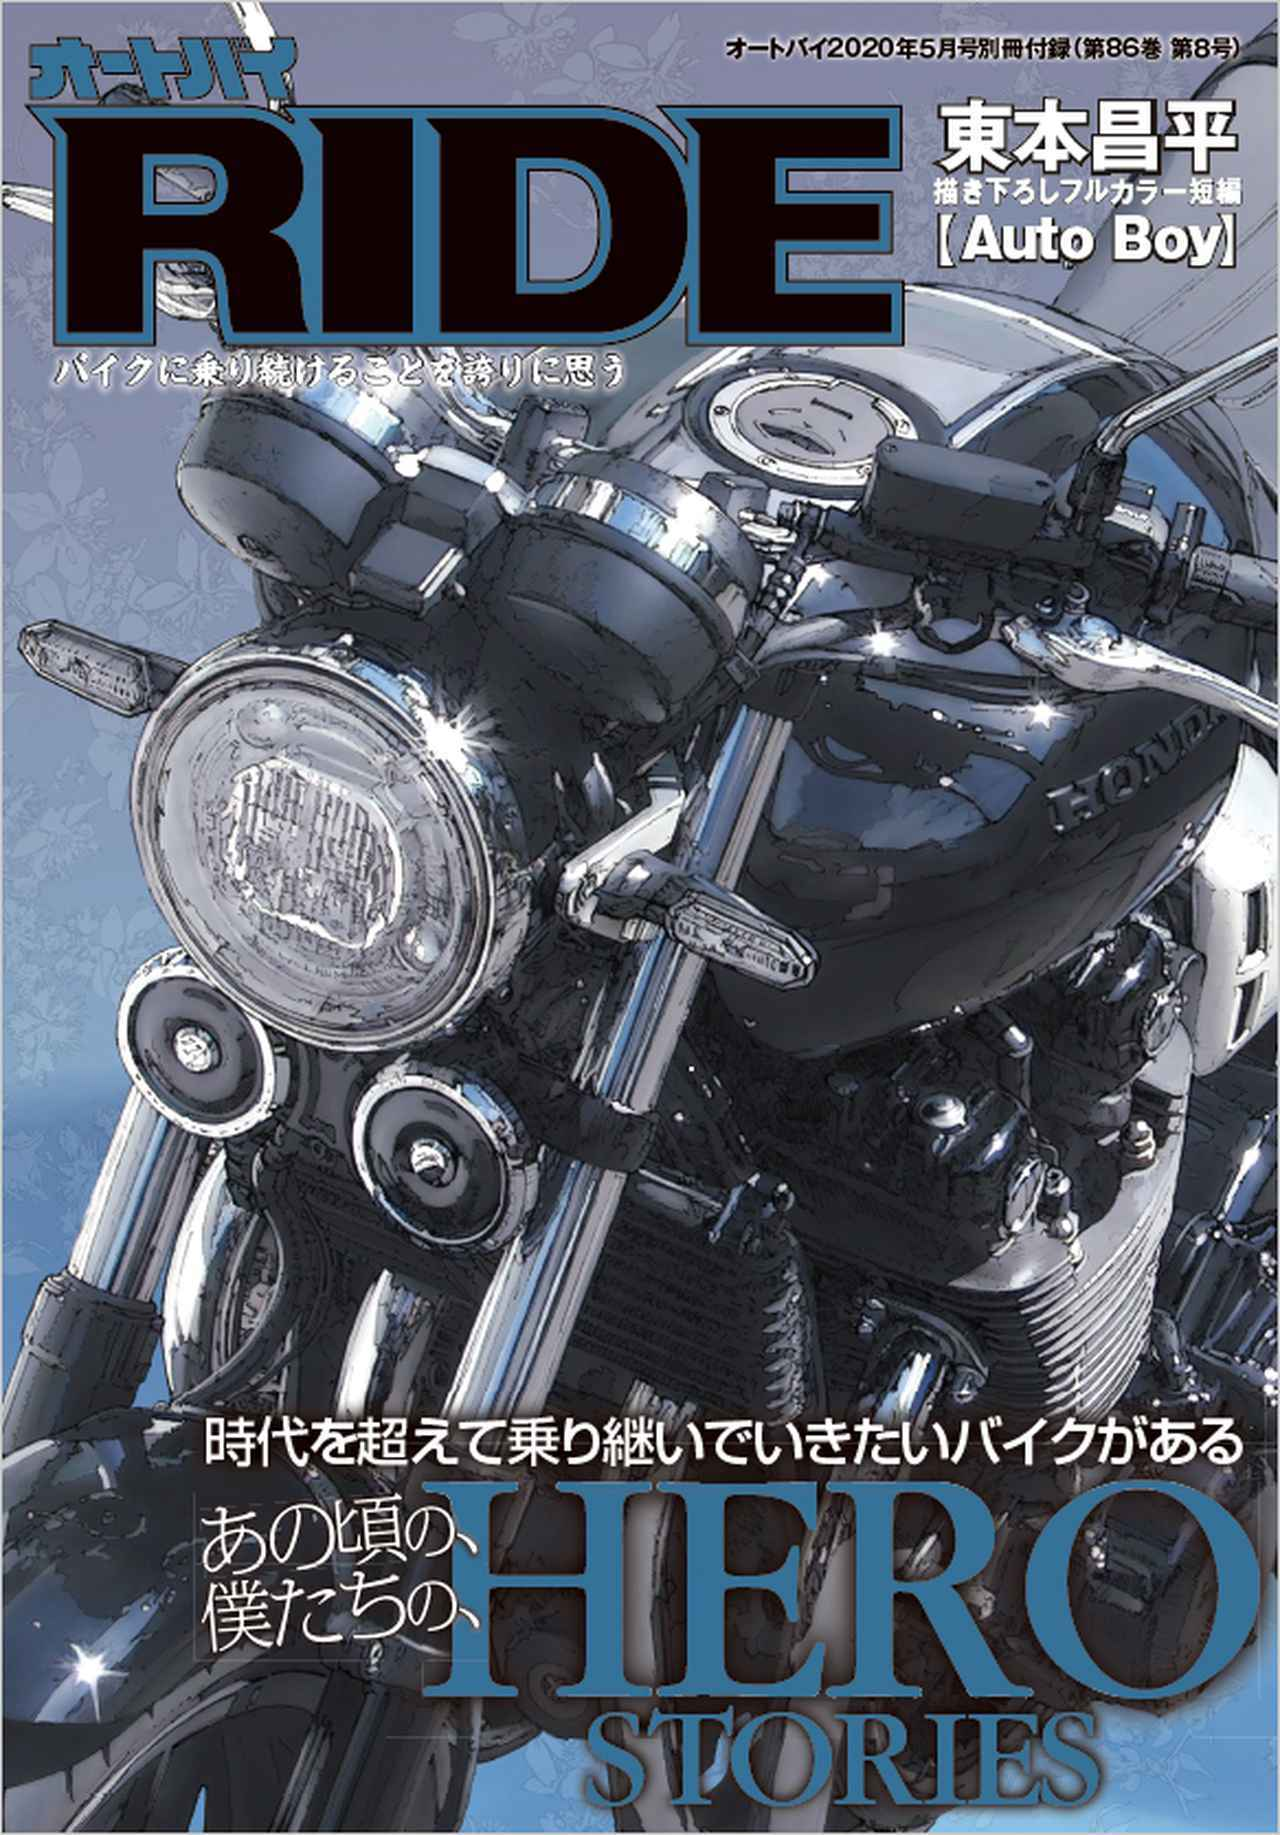 画像1: 続いて「RIDE」をご紹介します!